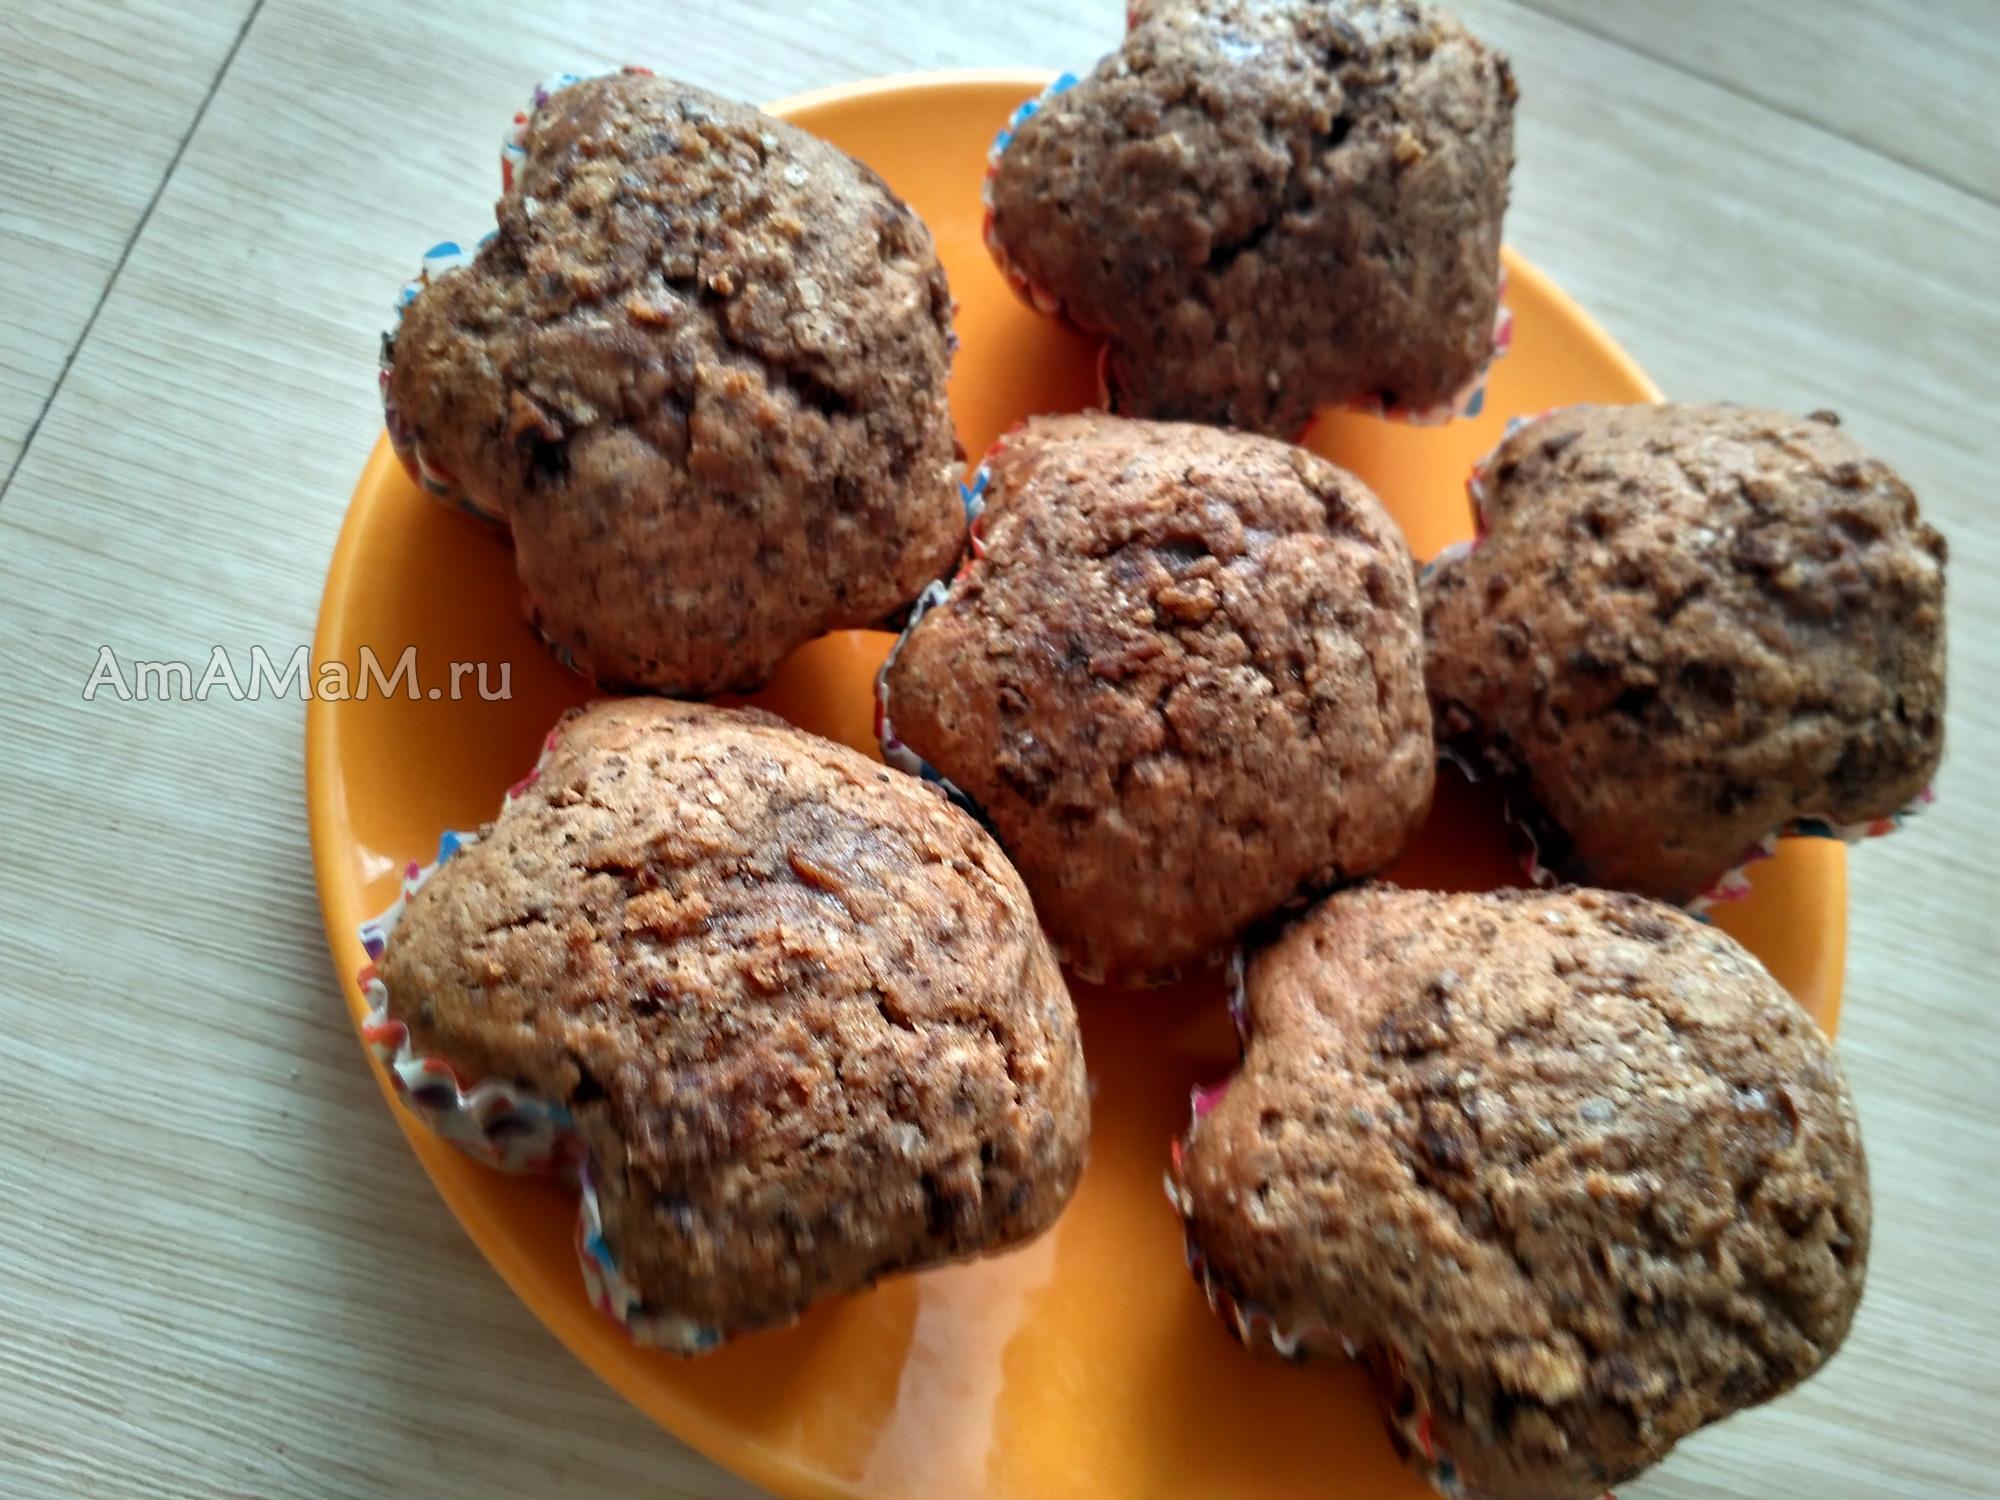 Шоколадные кексы, приготовленнные в силиконовой формочке